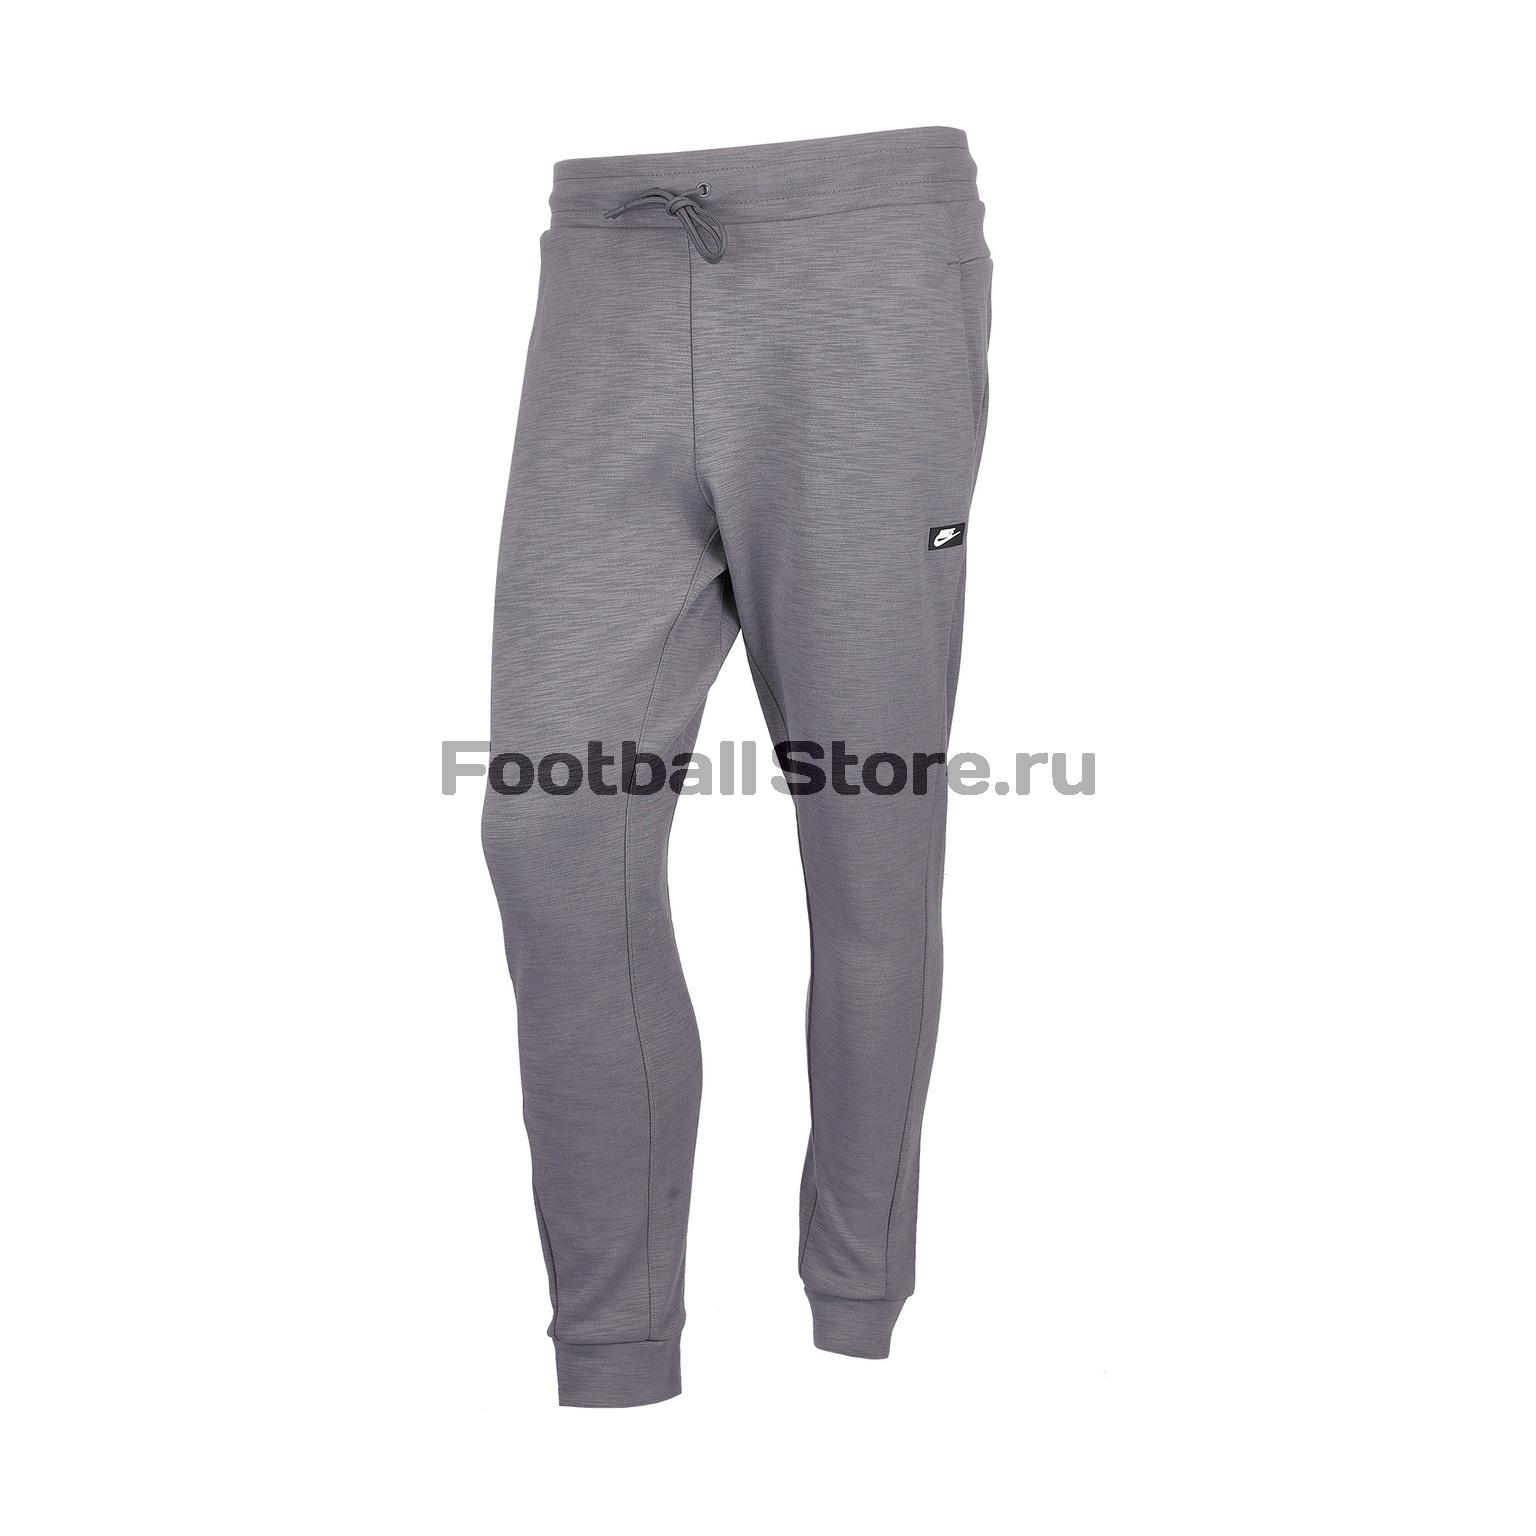 Брюки тренировочные Nike Dry Optic 928493-021 брюки тренировочные nike сборной бразилии 893122 454